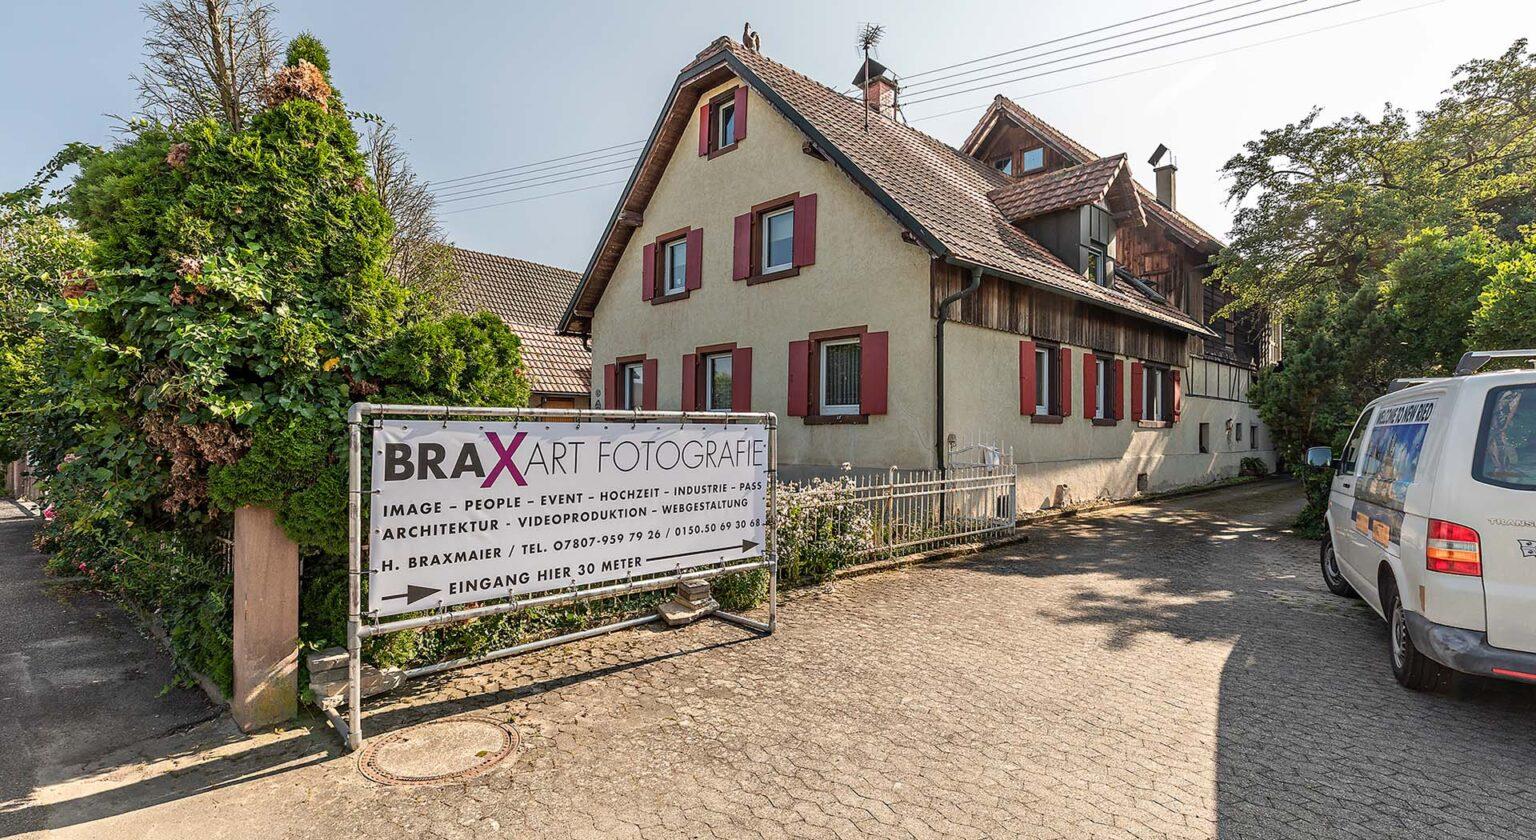 Fotograf Hubert Braxmaier Aussenansicht des Studios